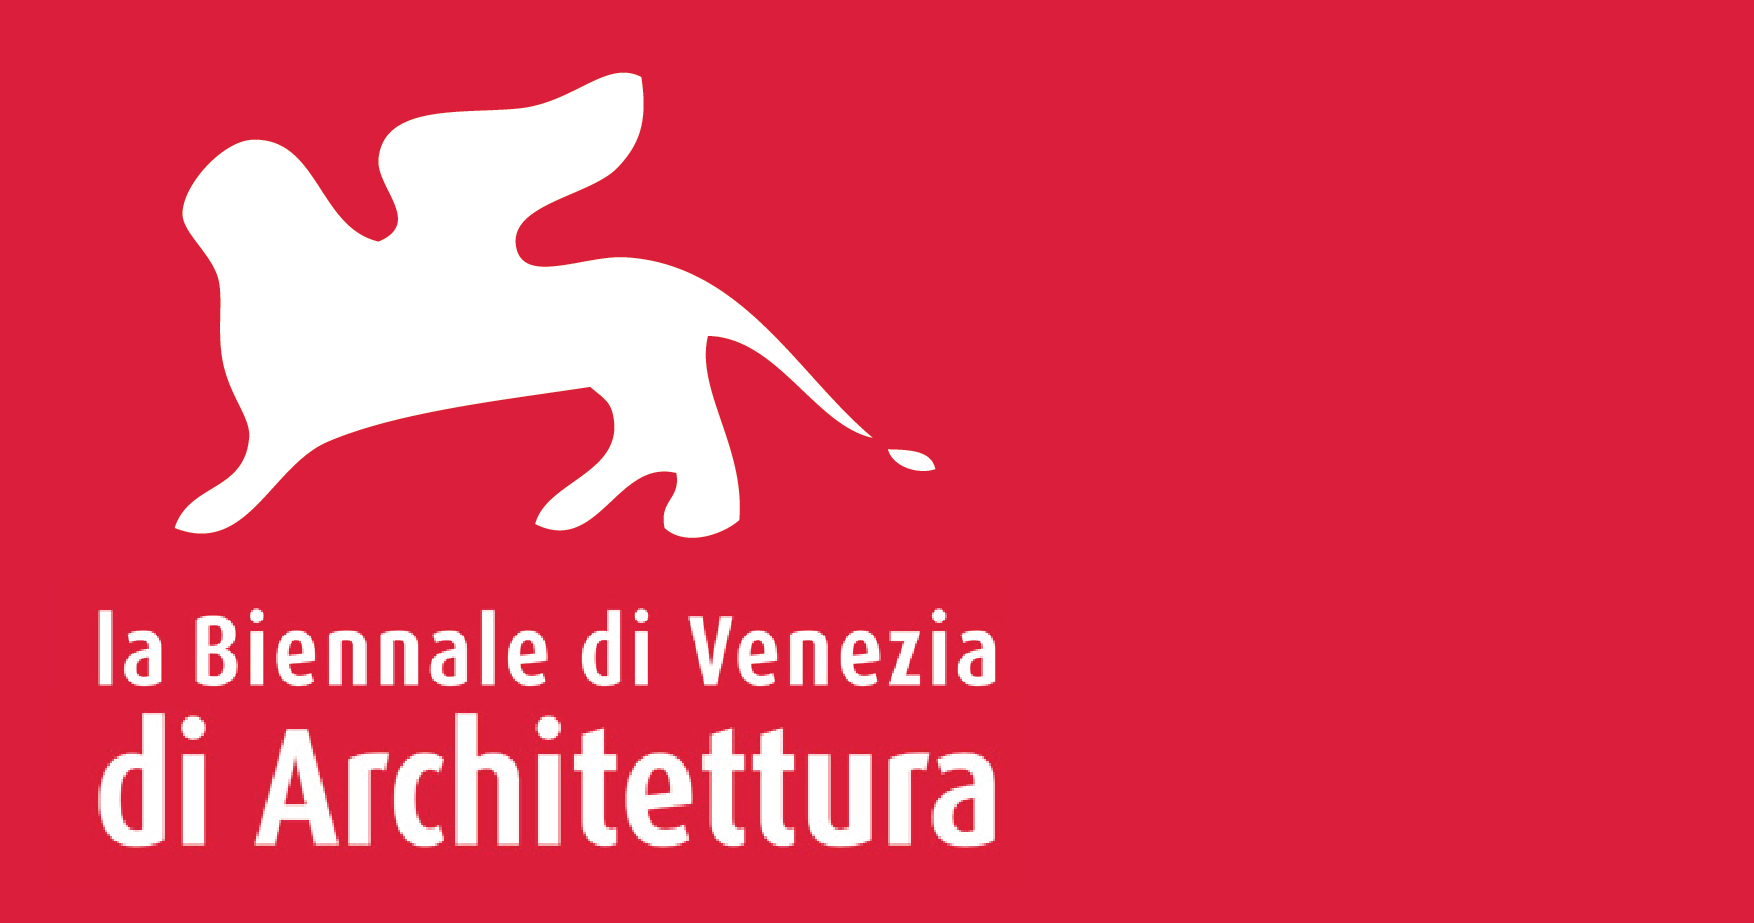 El Programa de Arte y Tecnología de Telefónica I+D en la Biennale de Venecia